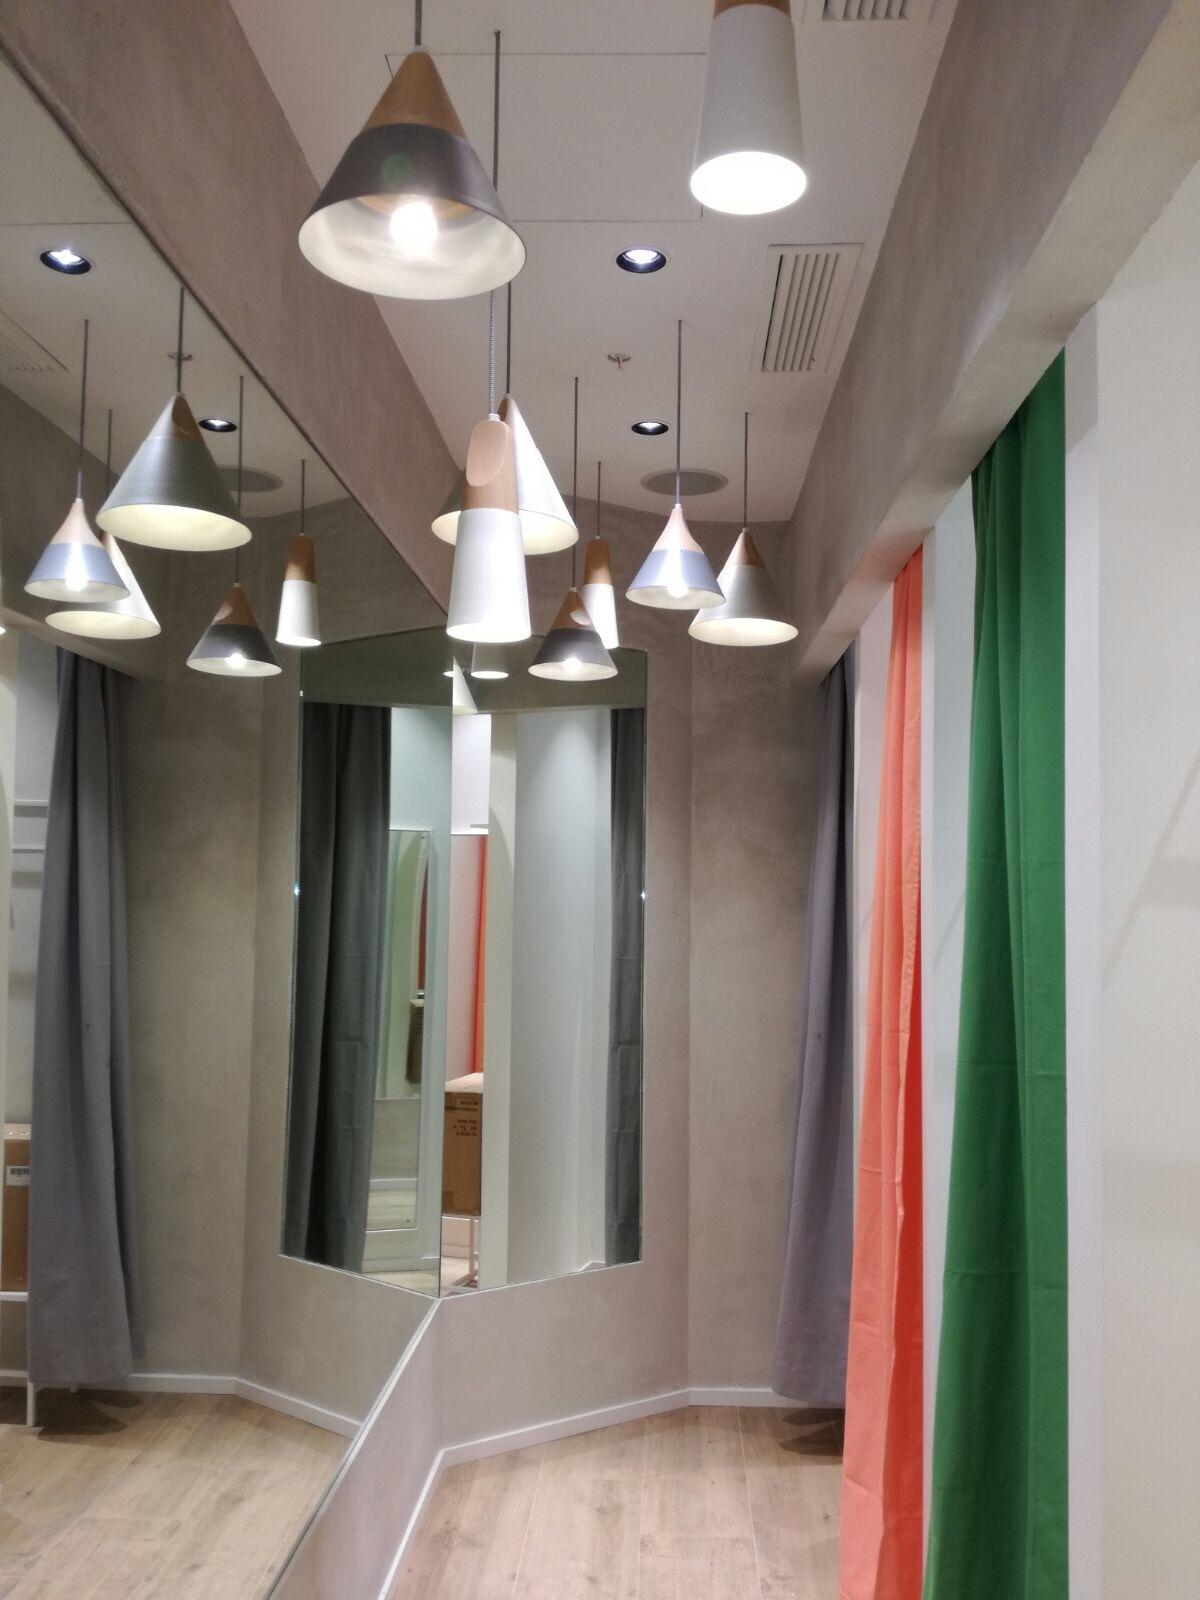 negozi arredo bagno biella: sanitari bagno offerte completo eco ... - Arredo Bagno Biella